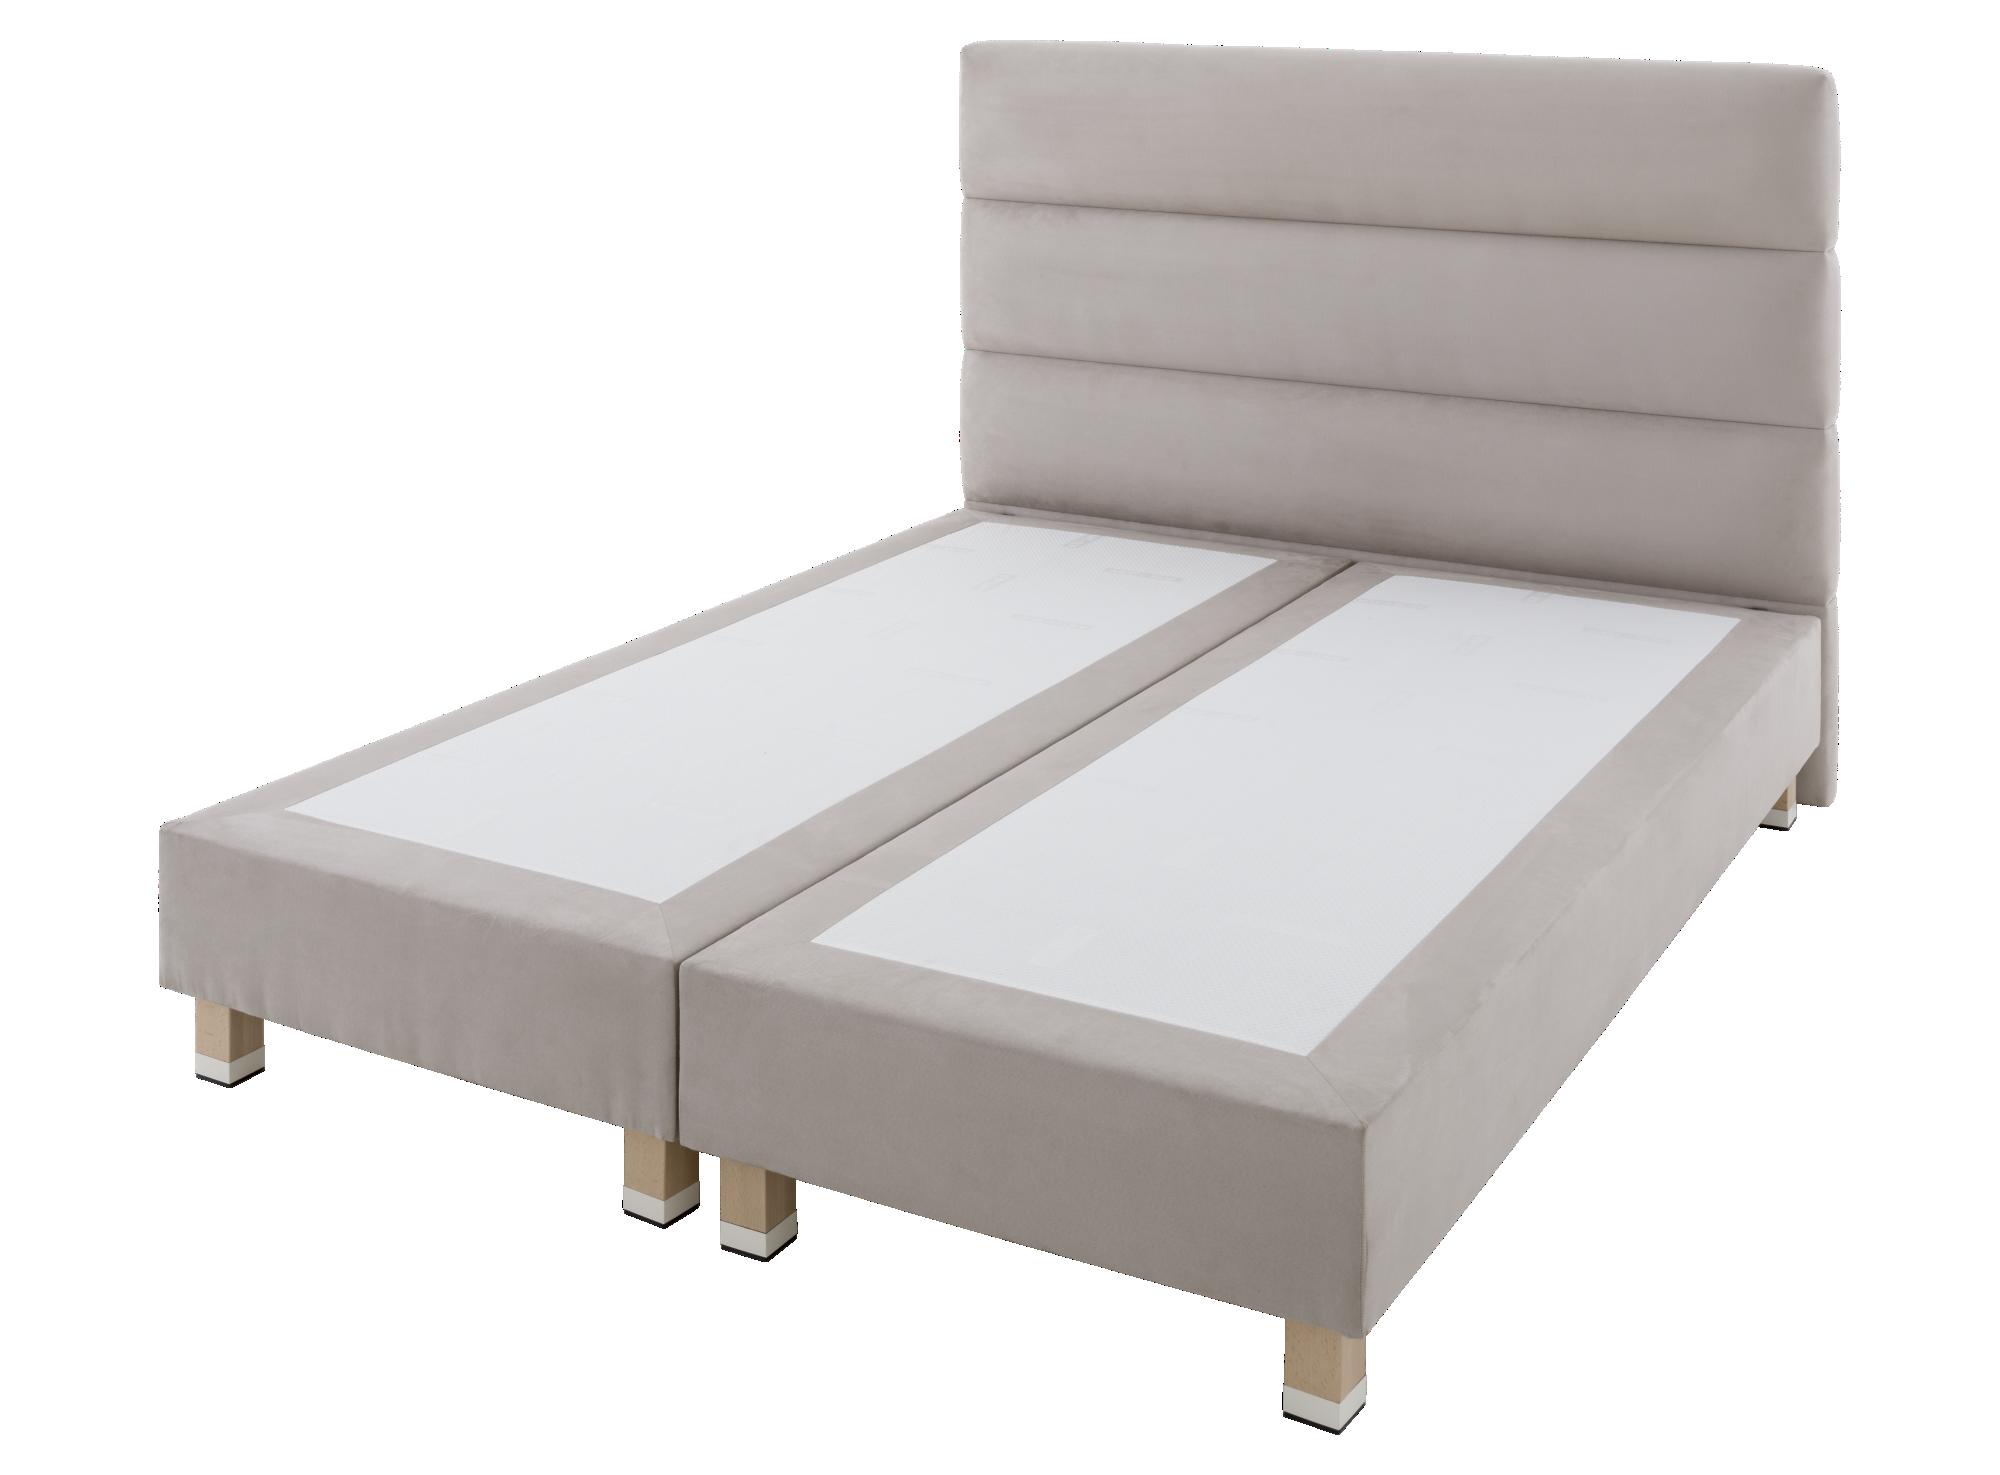 Tete de lit : structure en panneau de particules garnie de mousse pol ...